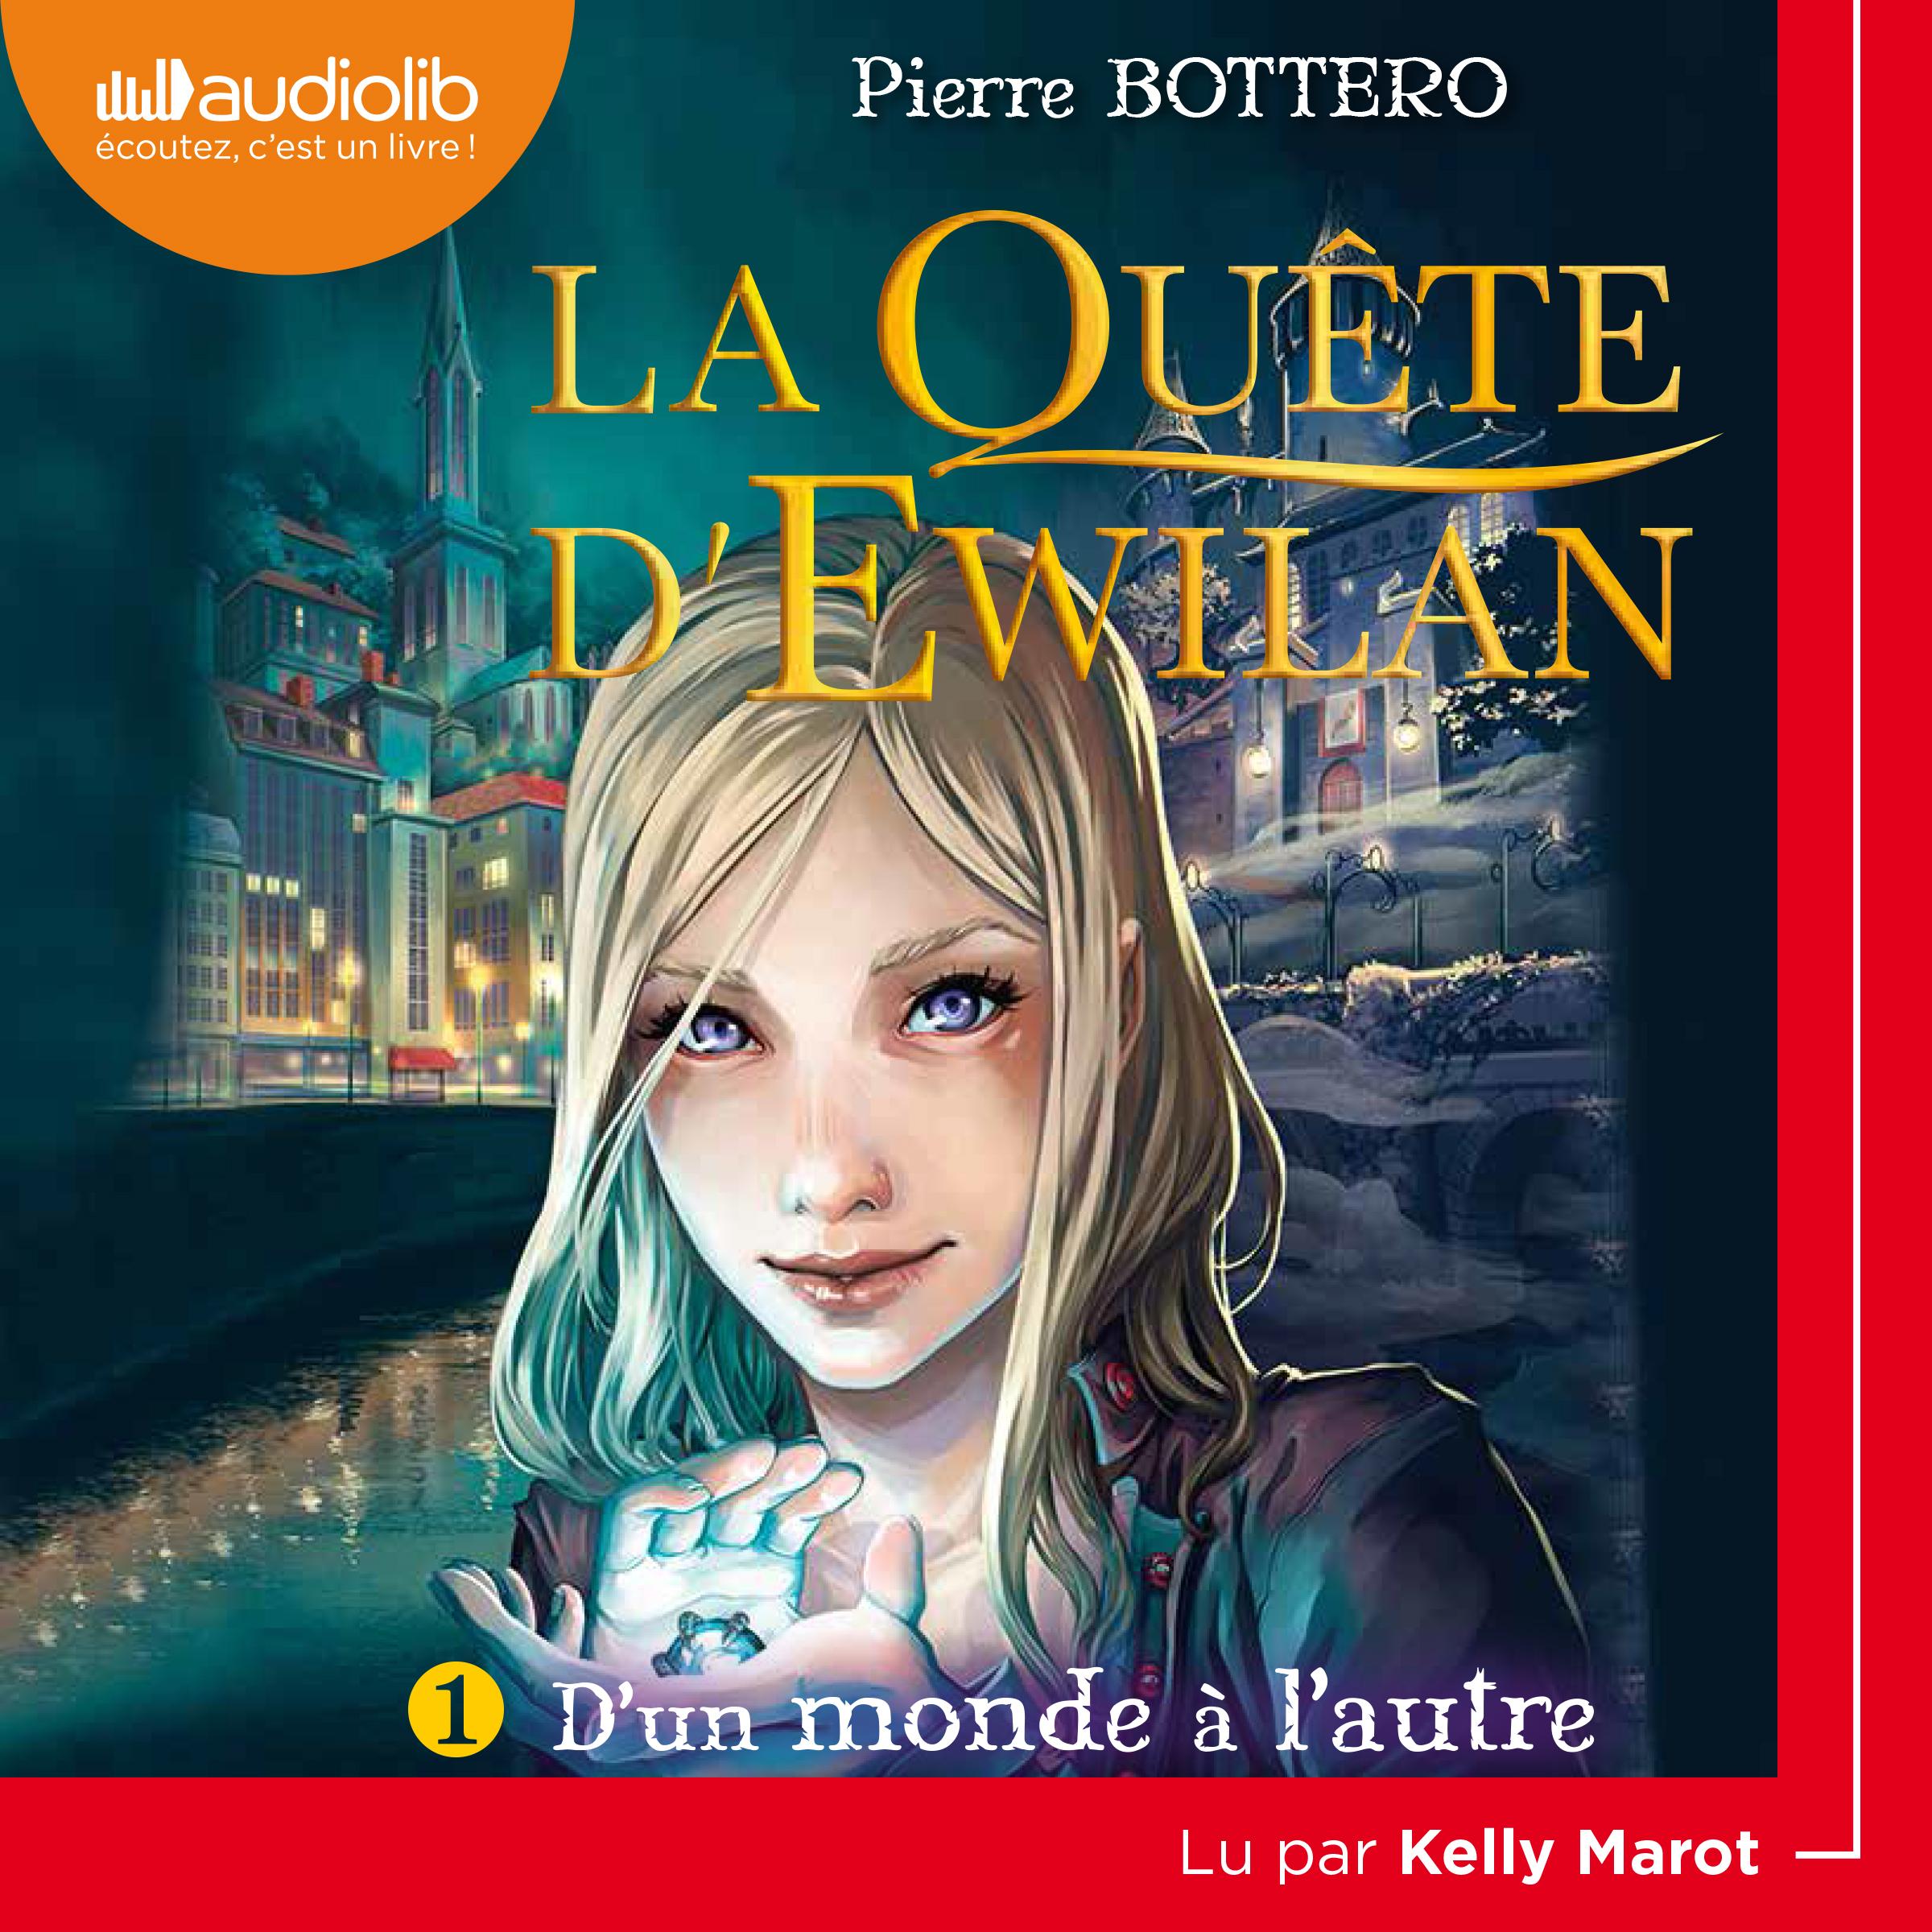 La Quête d'Ewilan  1 - D'un monde à l'autre   Bottero, Pierre. Auteur